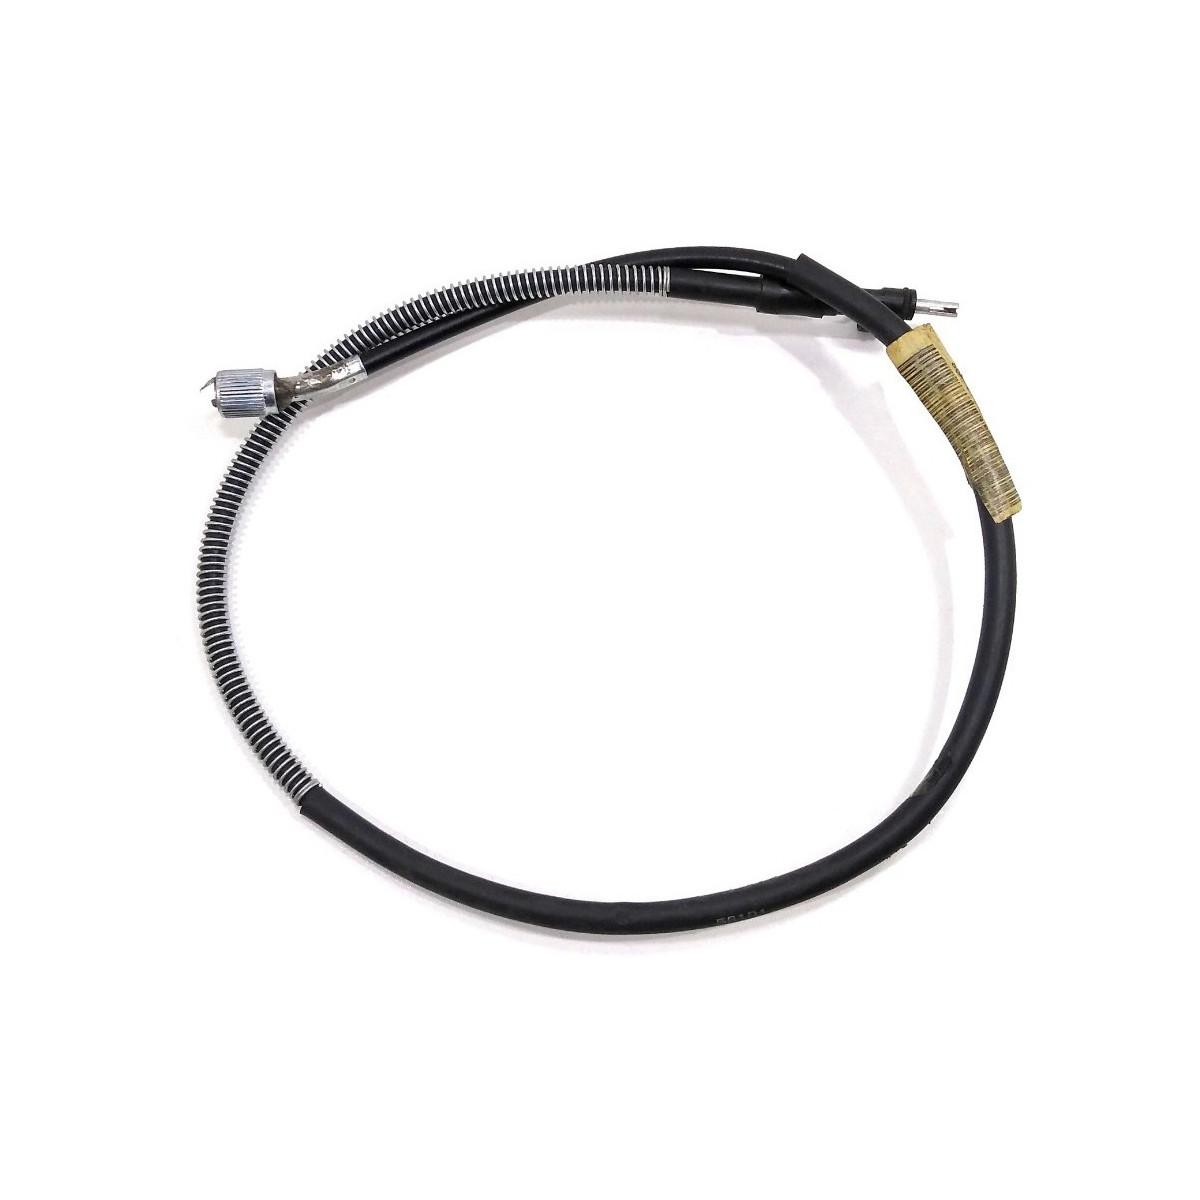 Cable Tripa Velocimetro Corven Indiana 250 256 Original